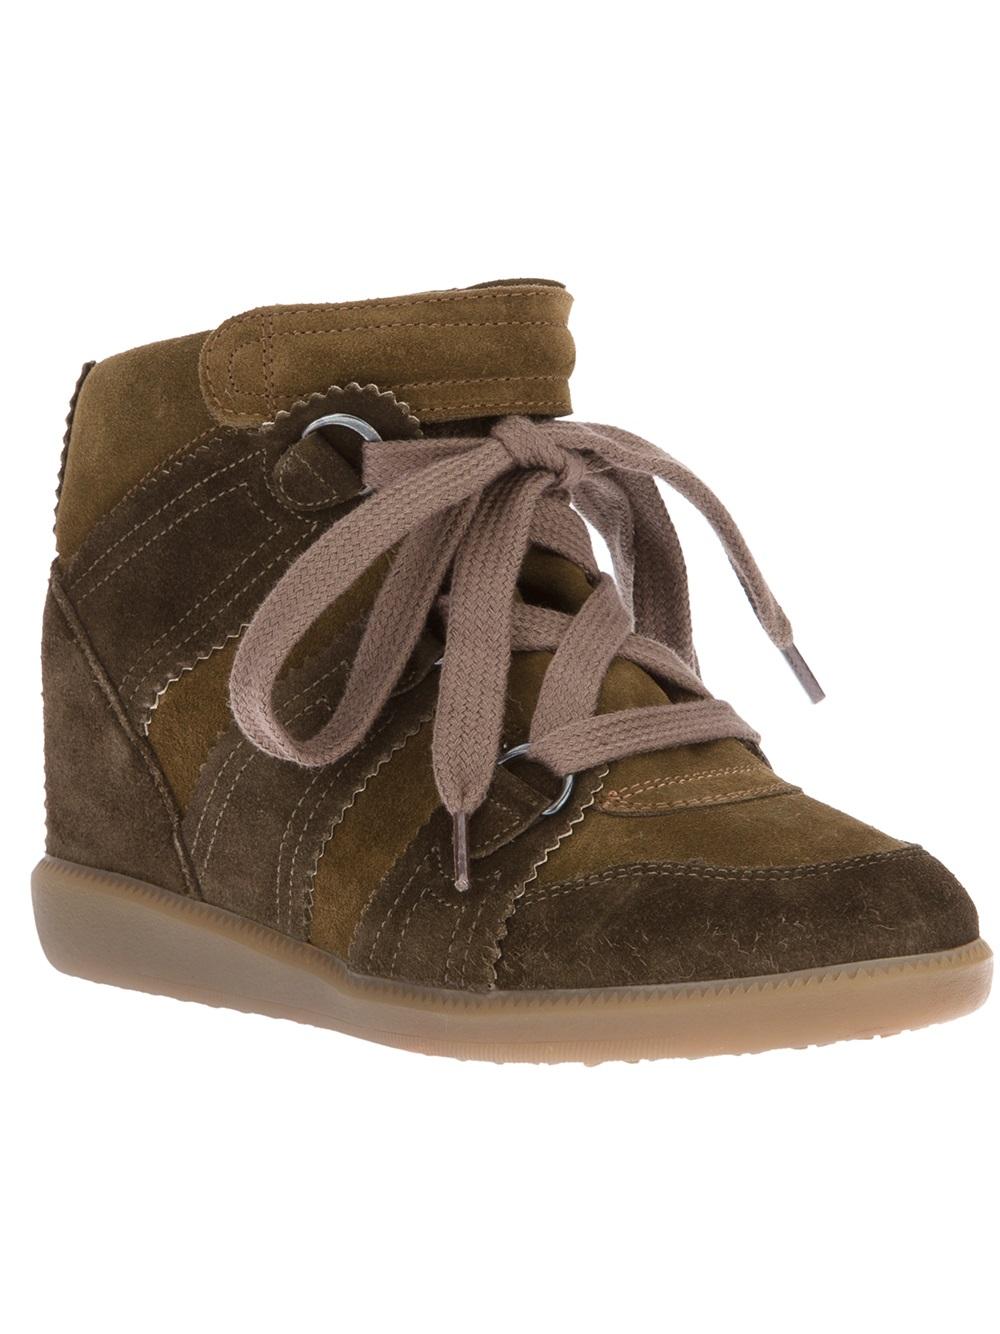 6fe726b387 Isabel Marant Bluebel Baskets Sneaker in Brown - Lyst